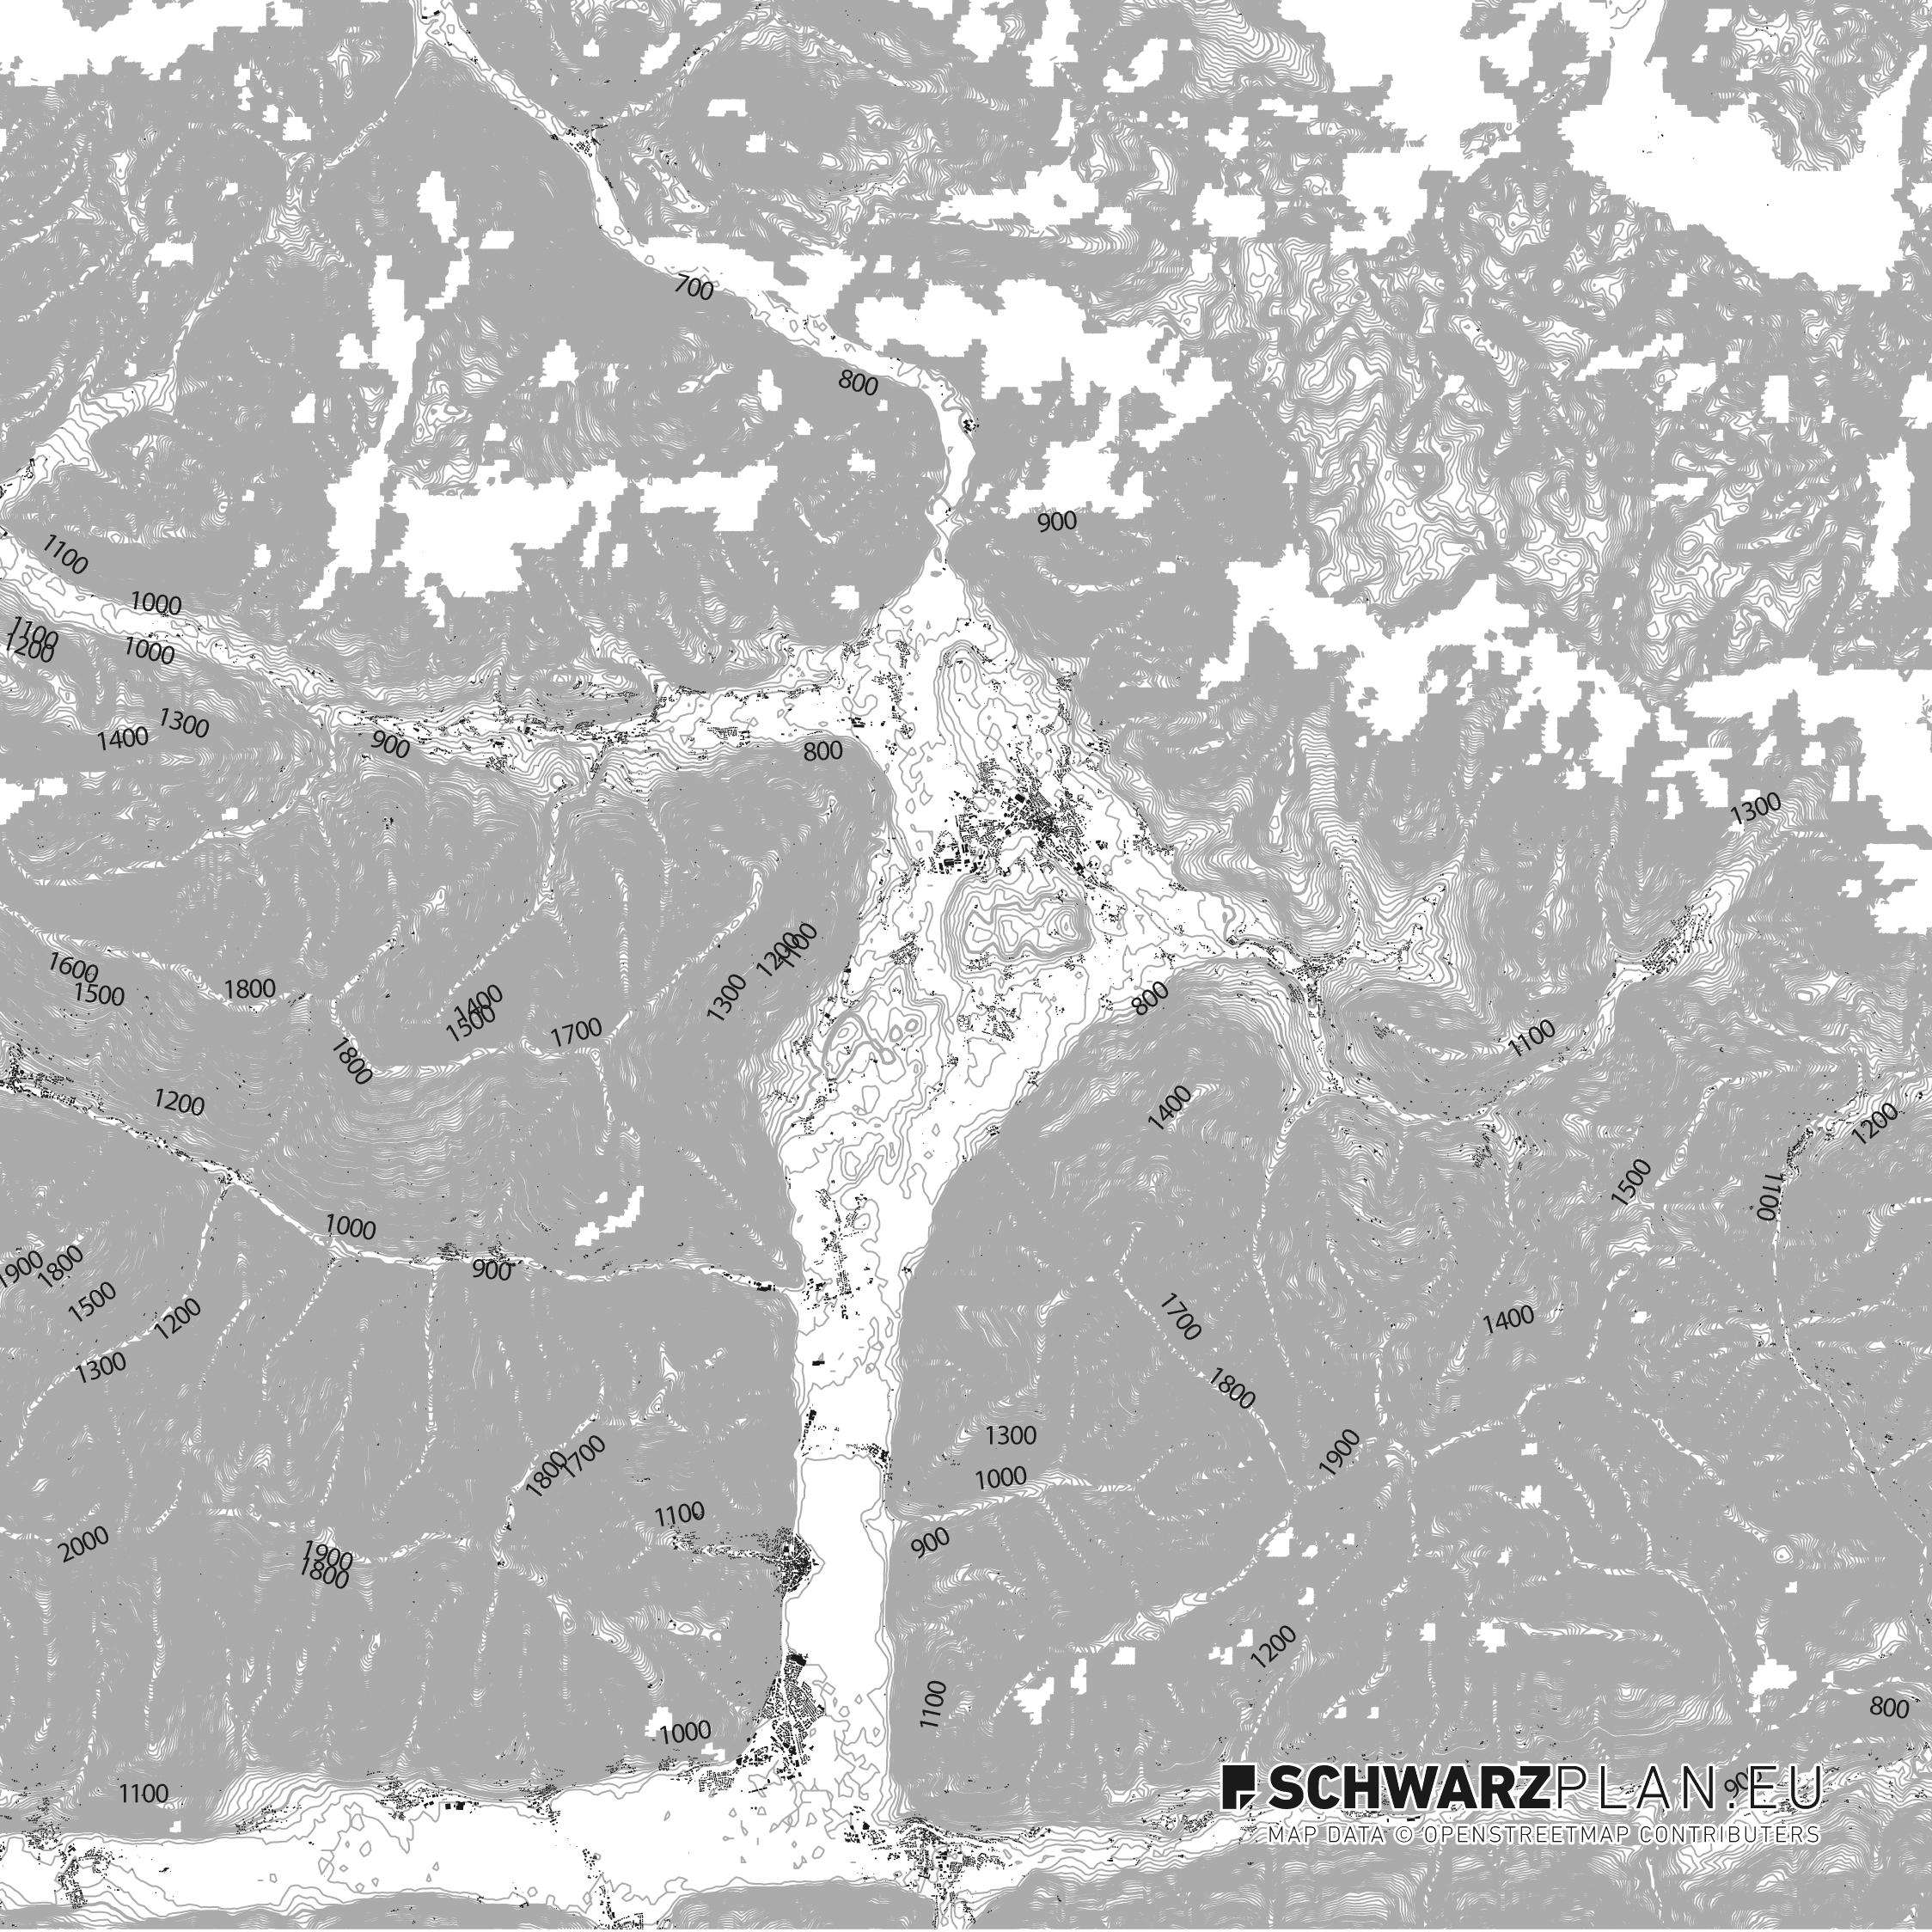 Schwarzplan von Saalfelden am Steinernen Meer